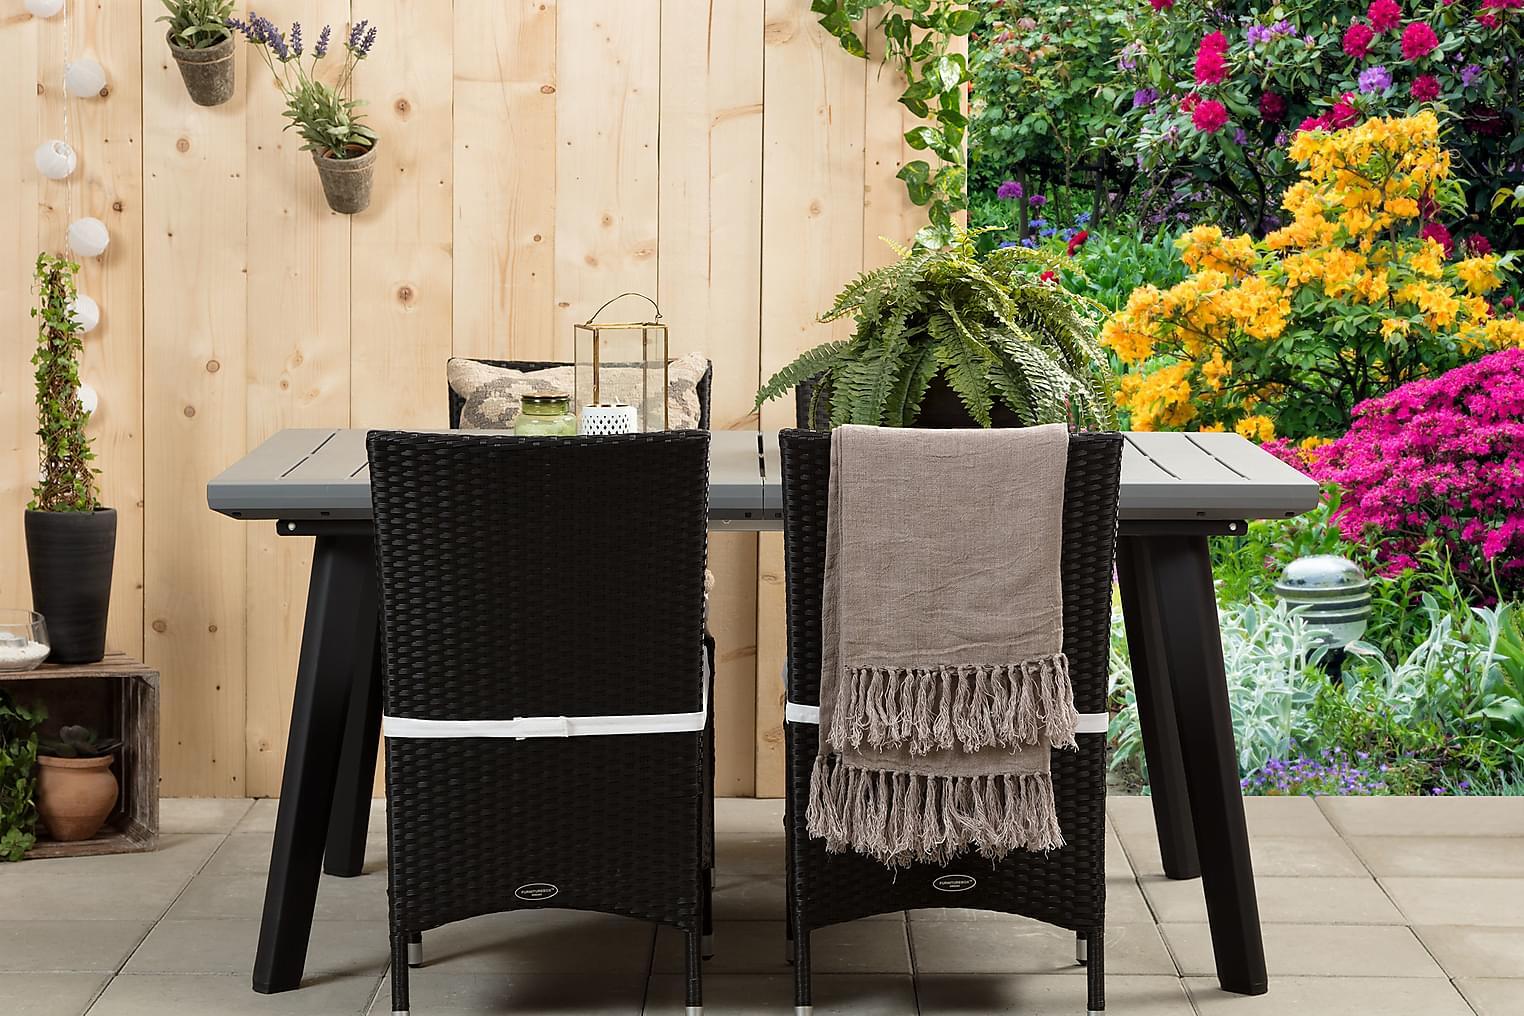 BILBAO Pöytä 162 Harmaa/Musta + 4 ARUBA Tuolia Musta/Valkoin